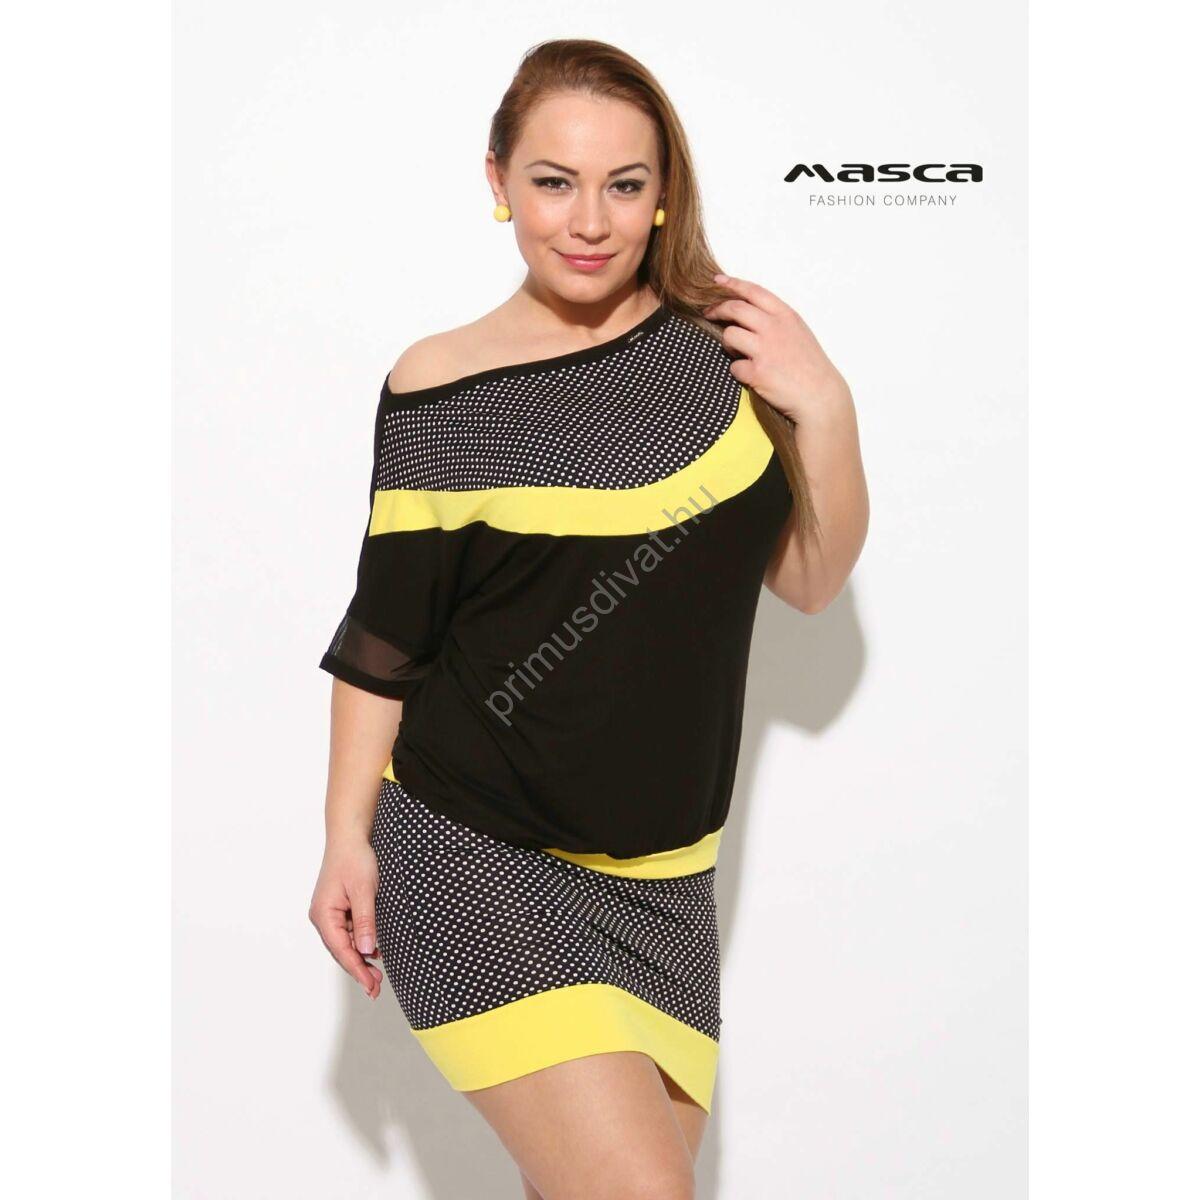 6187f5350a Kép 1/1 - Masca Fashion sárga betétes apró fehér pöttyös fekete csónaknyakú  rövid ujjú lezser tunika, miniruha